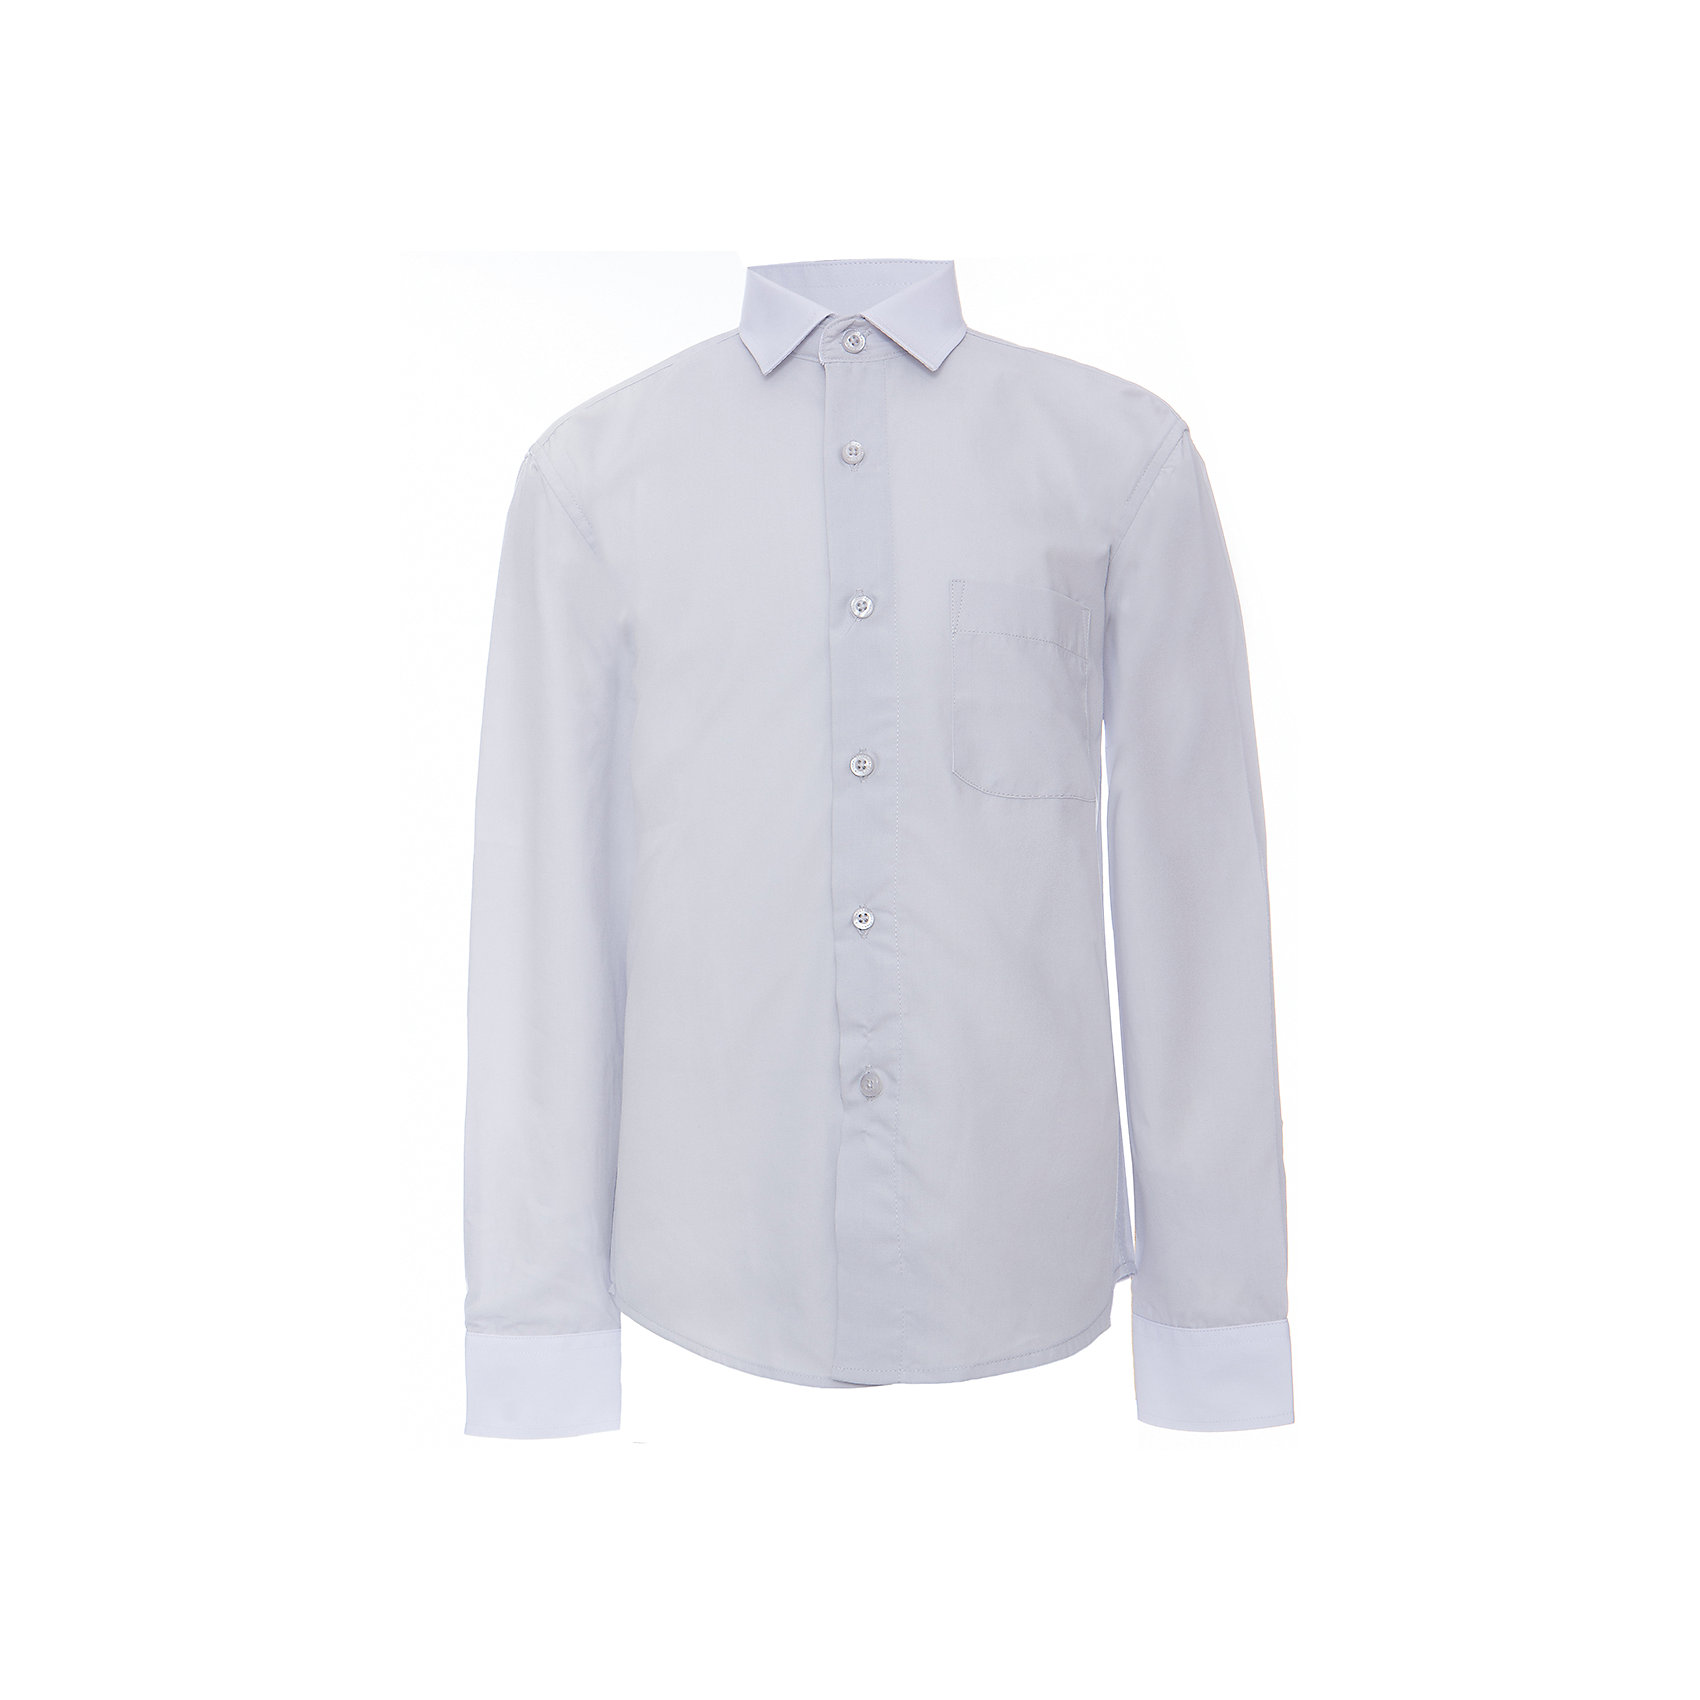 Рубашка для мальчика ImperatorКлассическая рубашка - неотьемлемая вещь в гардеробе. Модель на пуговицах, с отложным воротником. Свободный покрой не стеснит движений и позволит чувствовать себя комфортно каждый день.  Состав 55 % хл. 45% П/Э<br><br>Ширина мм: 174<br>Глубина мм: 10<br>Высота мм: 169<br>Вес г: 157<br>Цвет: серый<br>Возраст от месяцев: 108<br>Возраст до месяцев: 120<br>Пол: Мужской<br>Возраст: Детский<br>Размер: 134/140,122/128,128/134,140/146,146/152,152/158,158/164,164/170<br>SKU: 4749535